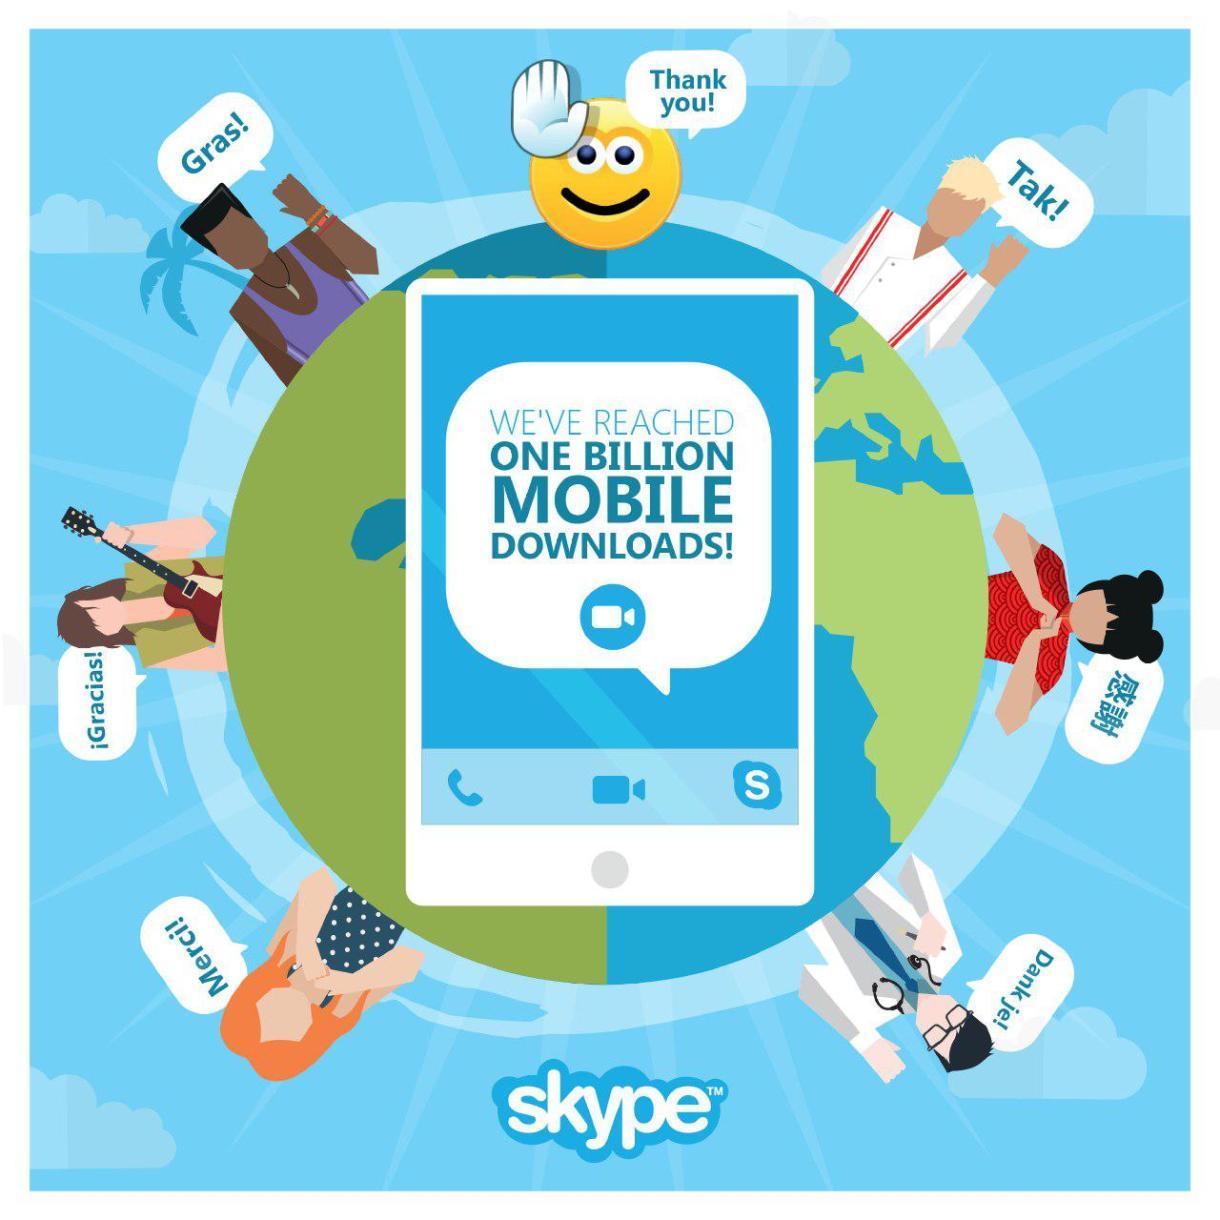 تطبيق سكايب يصل لـ 1 مليار تنزيل على الأجهزة المحمولة